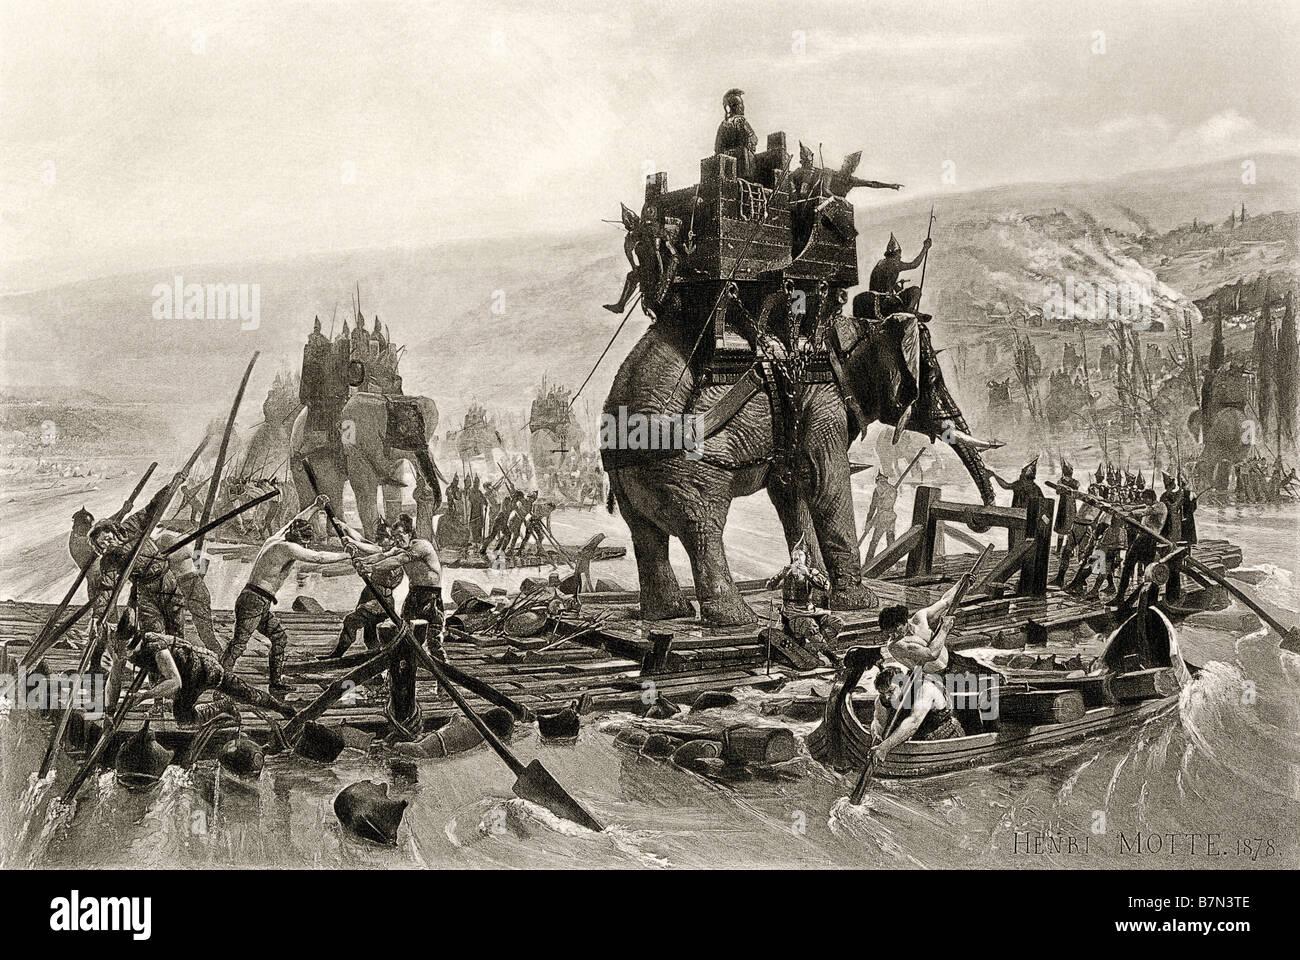 L'armée d'Hannibal traversant le Rhône en Gaule pour attaquer Rome par voie des Alpes 218 BC. Photo Stock